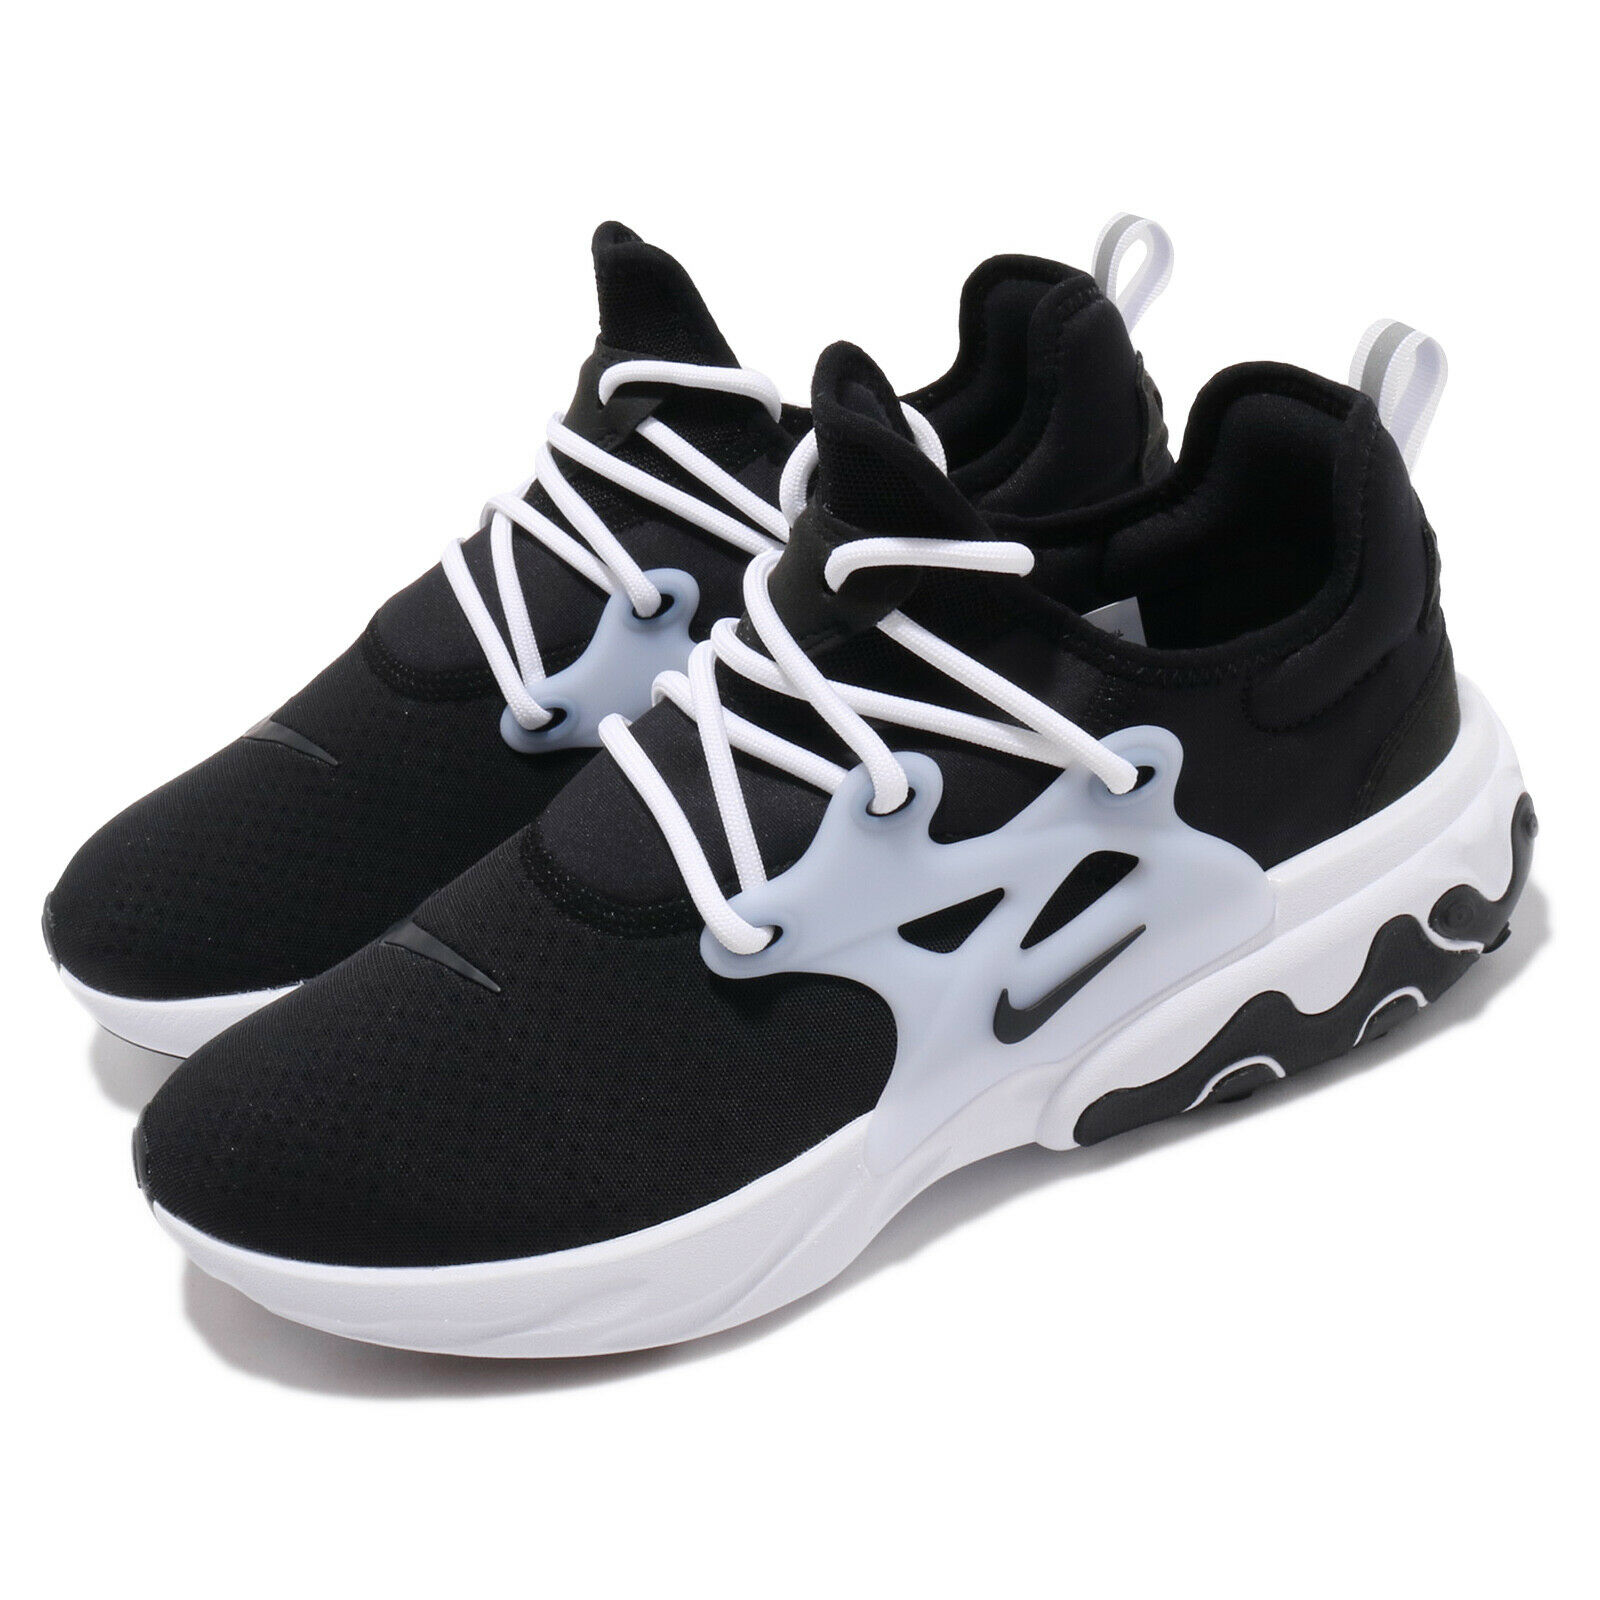 Nike React Presto Black White